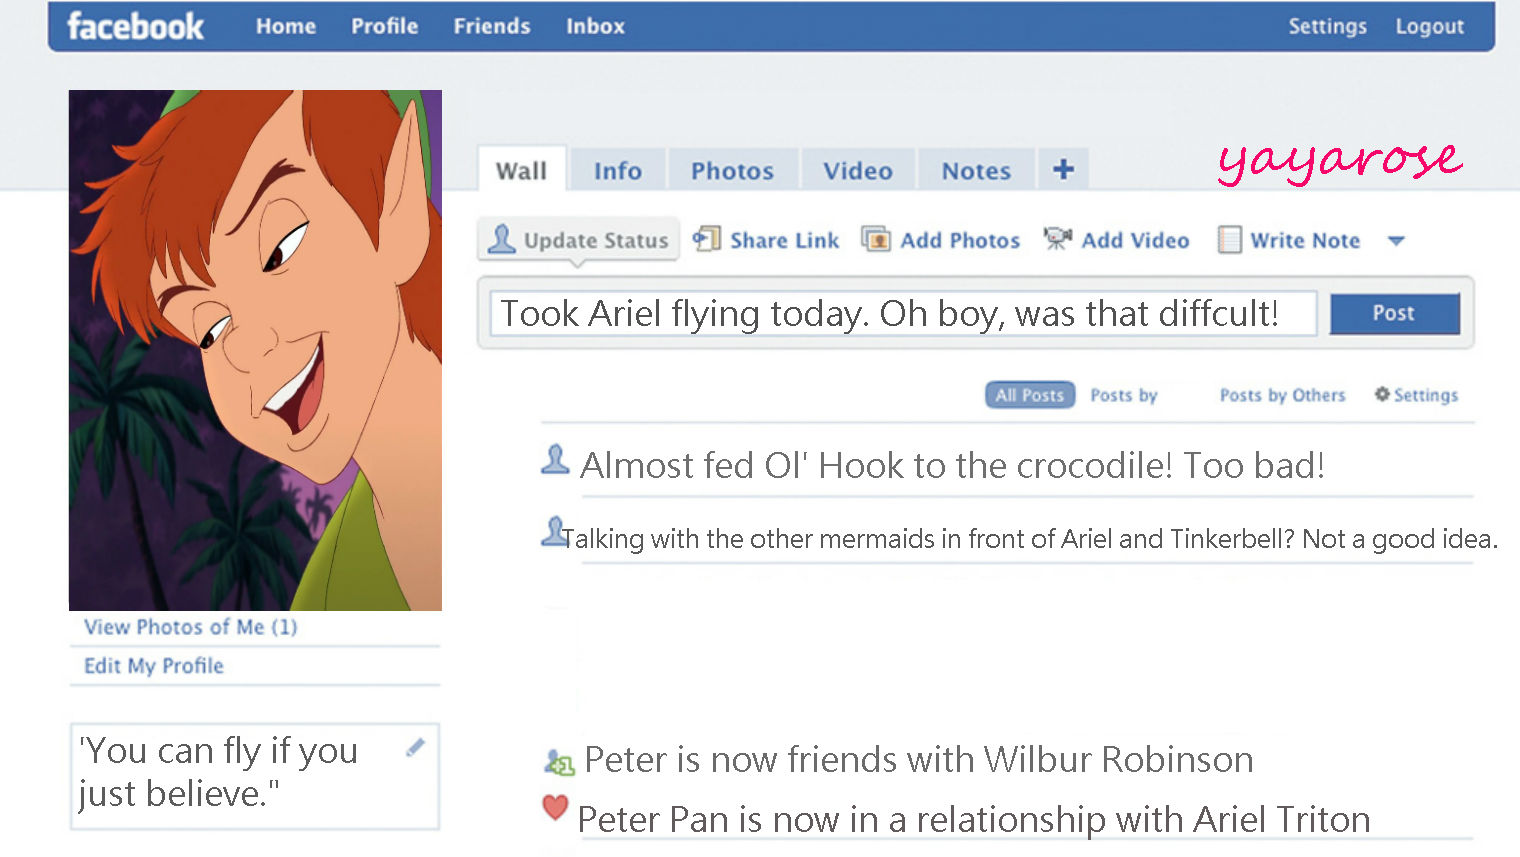 Peter's Facebook Profile